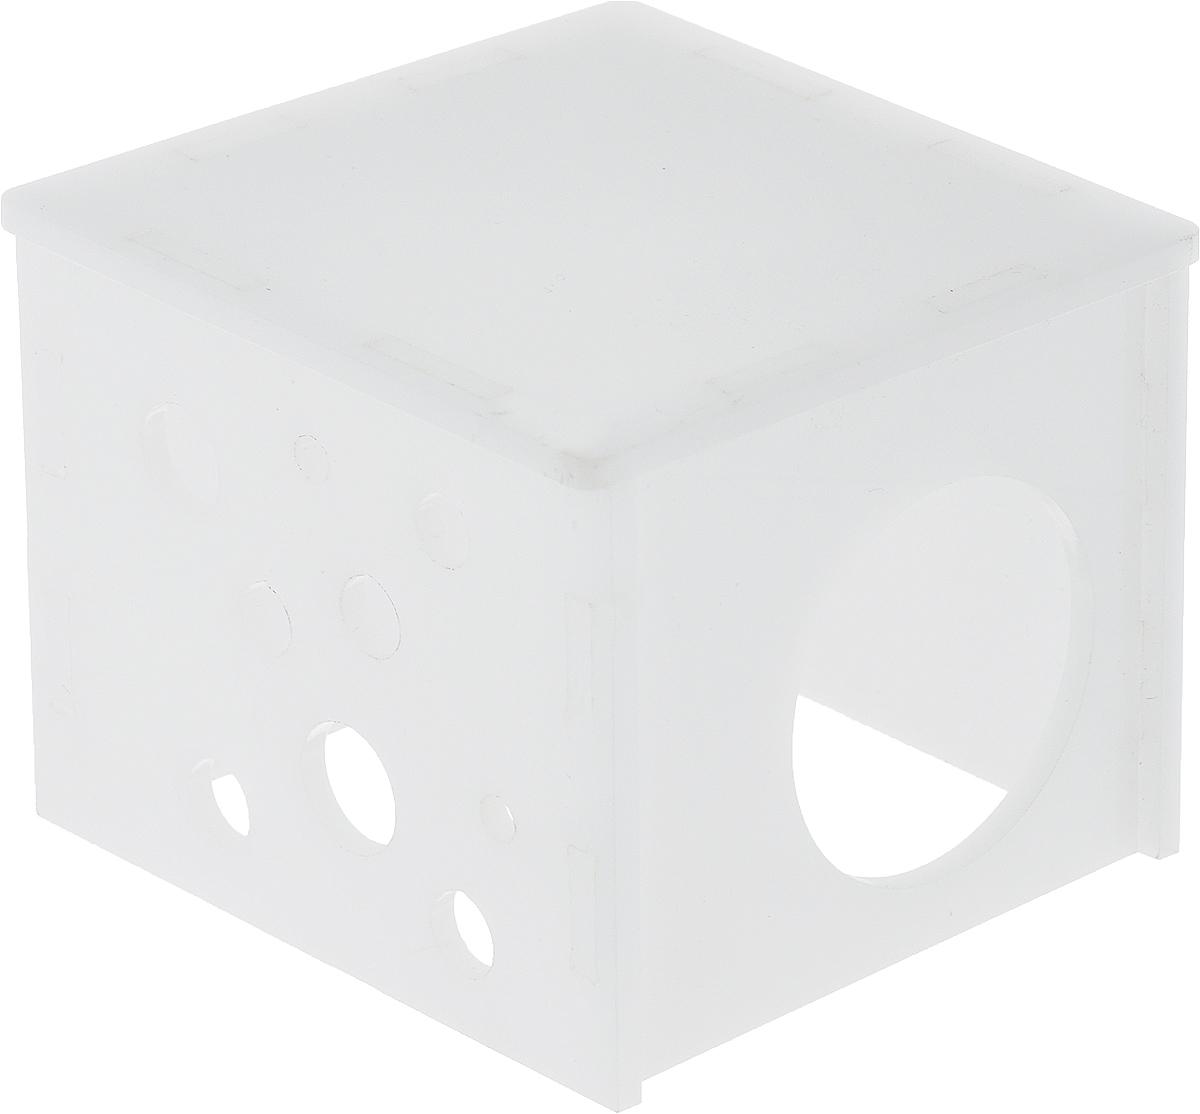 Домик для грызунов Грызлик Ам Куб, цвет: белый, 8 х 8 х 7 см40.GR.057Грызлик Ам Куб - это комфортный пластмассовый домик для грызунов. Он послужит надежным укрытием вашему любимцу, а также идеальным местом для сна и отдыха. Домик весьма просторный, имеет оригинальную конструкцию и удобный вход.Этот аксессуар предоставит вашему любимцу минуты отдыха в течение дня и позволит ощутить максимальный комфорт и уют.